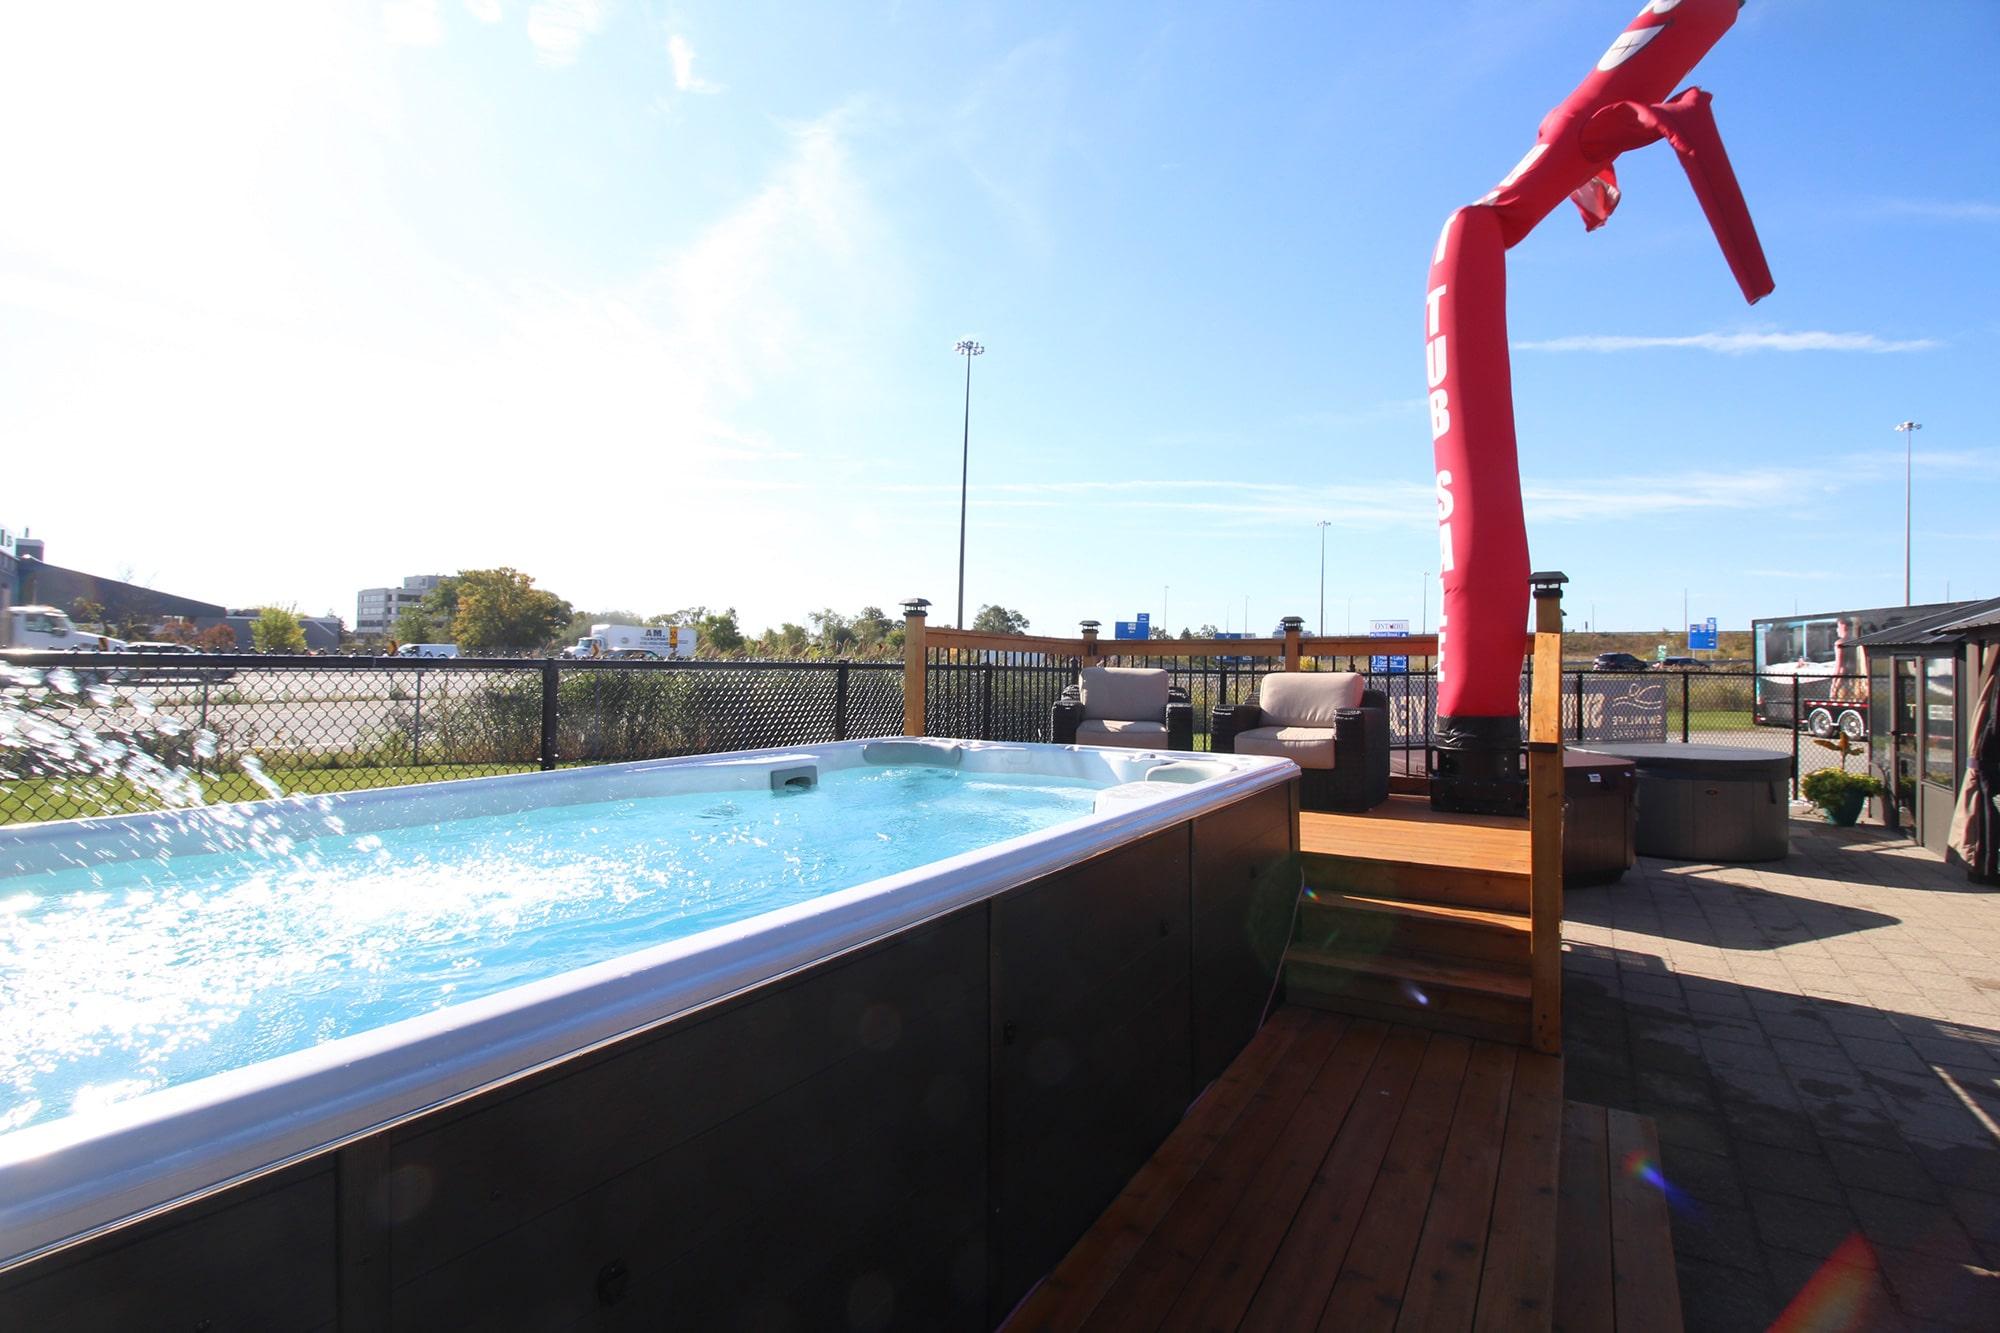 Jacuzzi Burlington Showroom Exterior All Season Pool